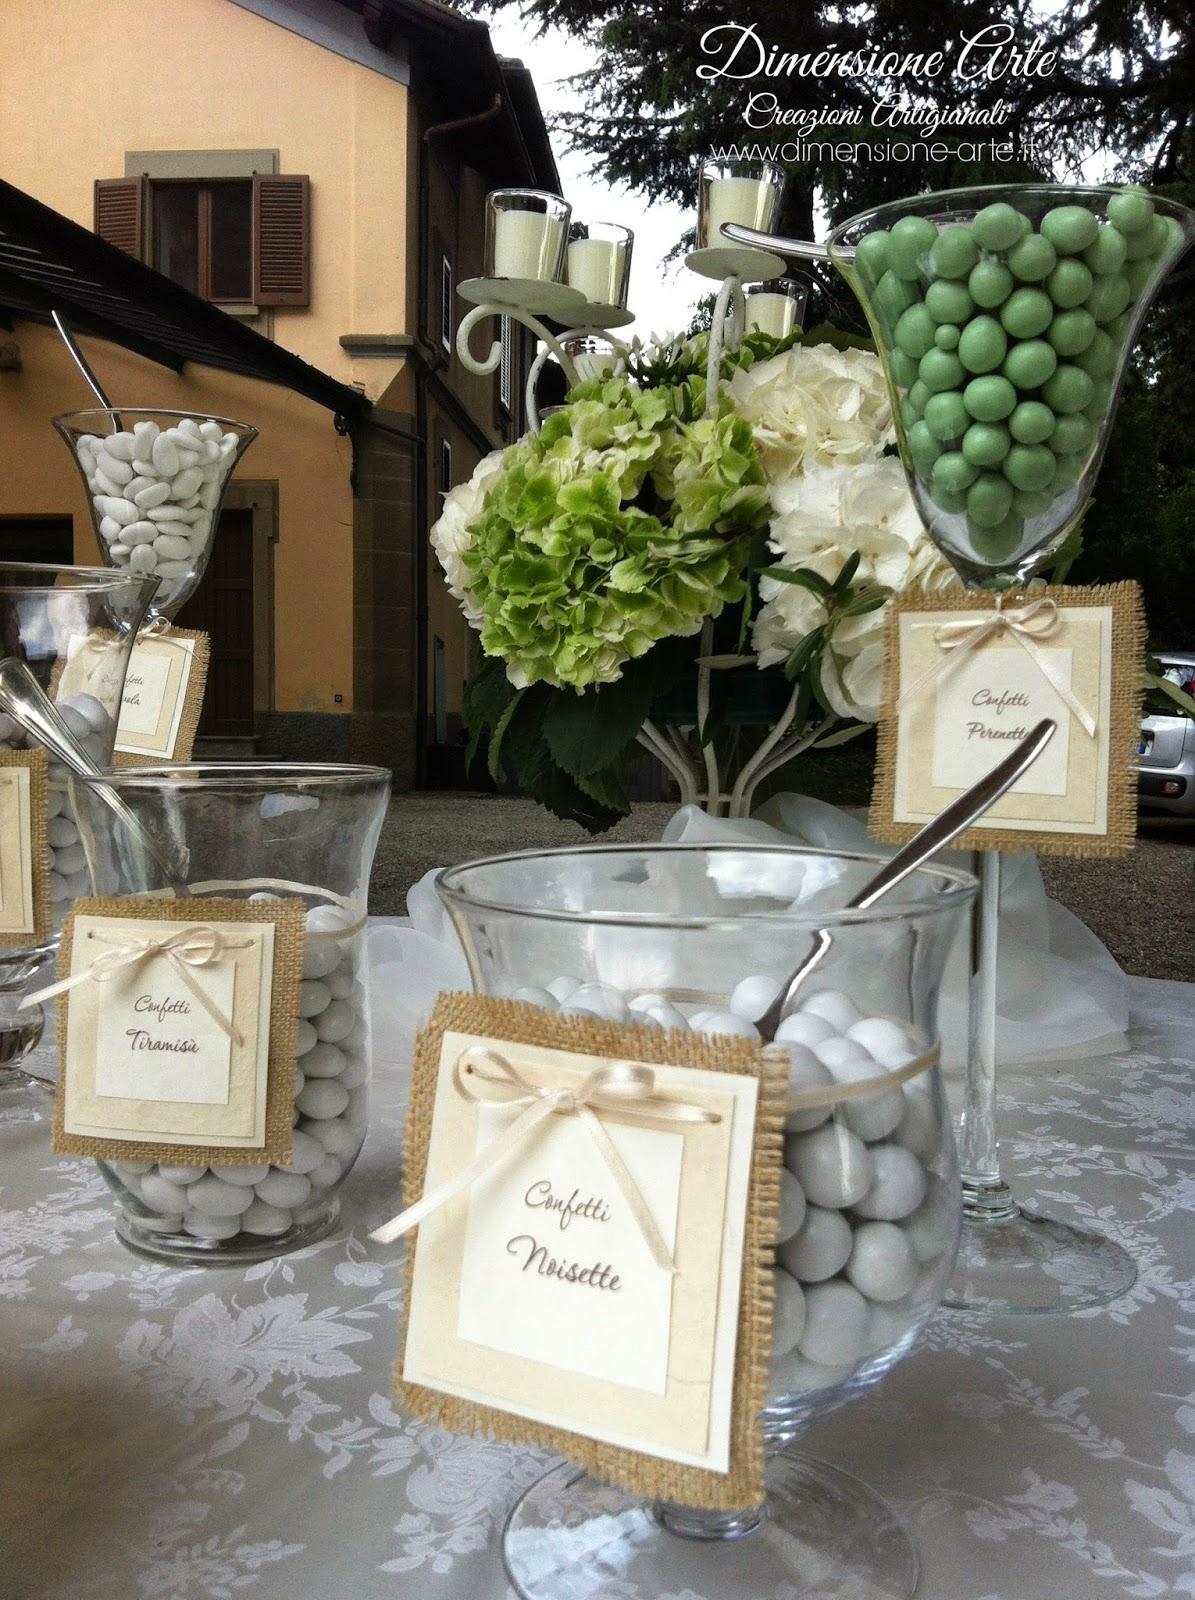 Matrimonio Rustico Chic : Dimensione arte creazioni artigianali matrimonio